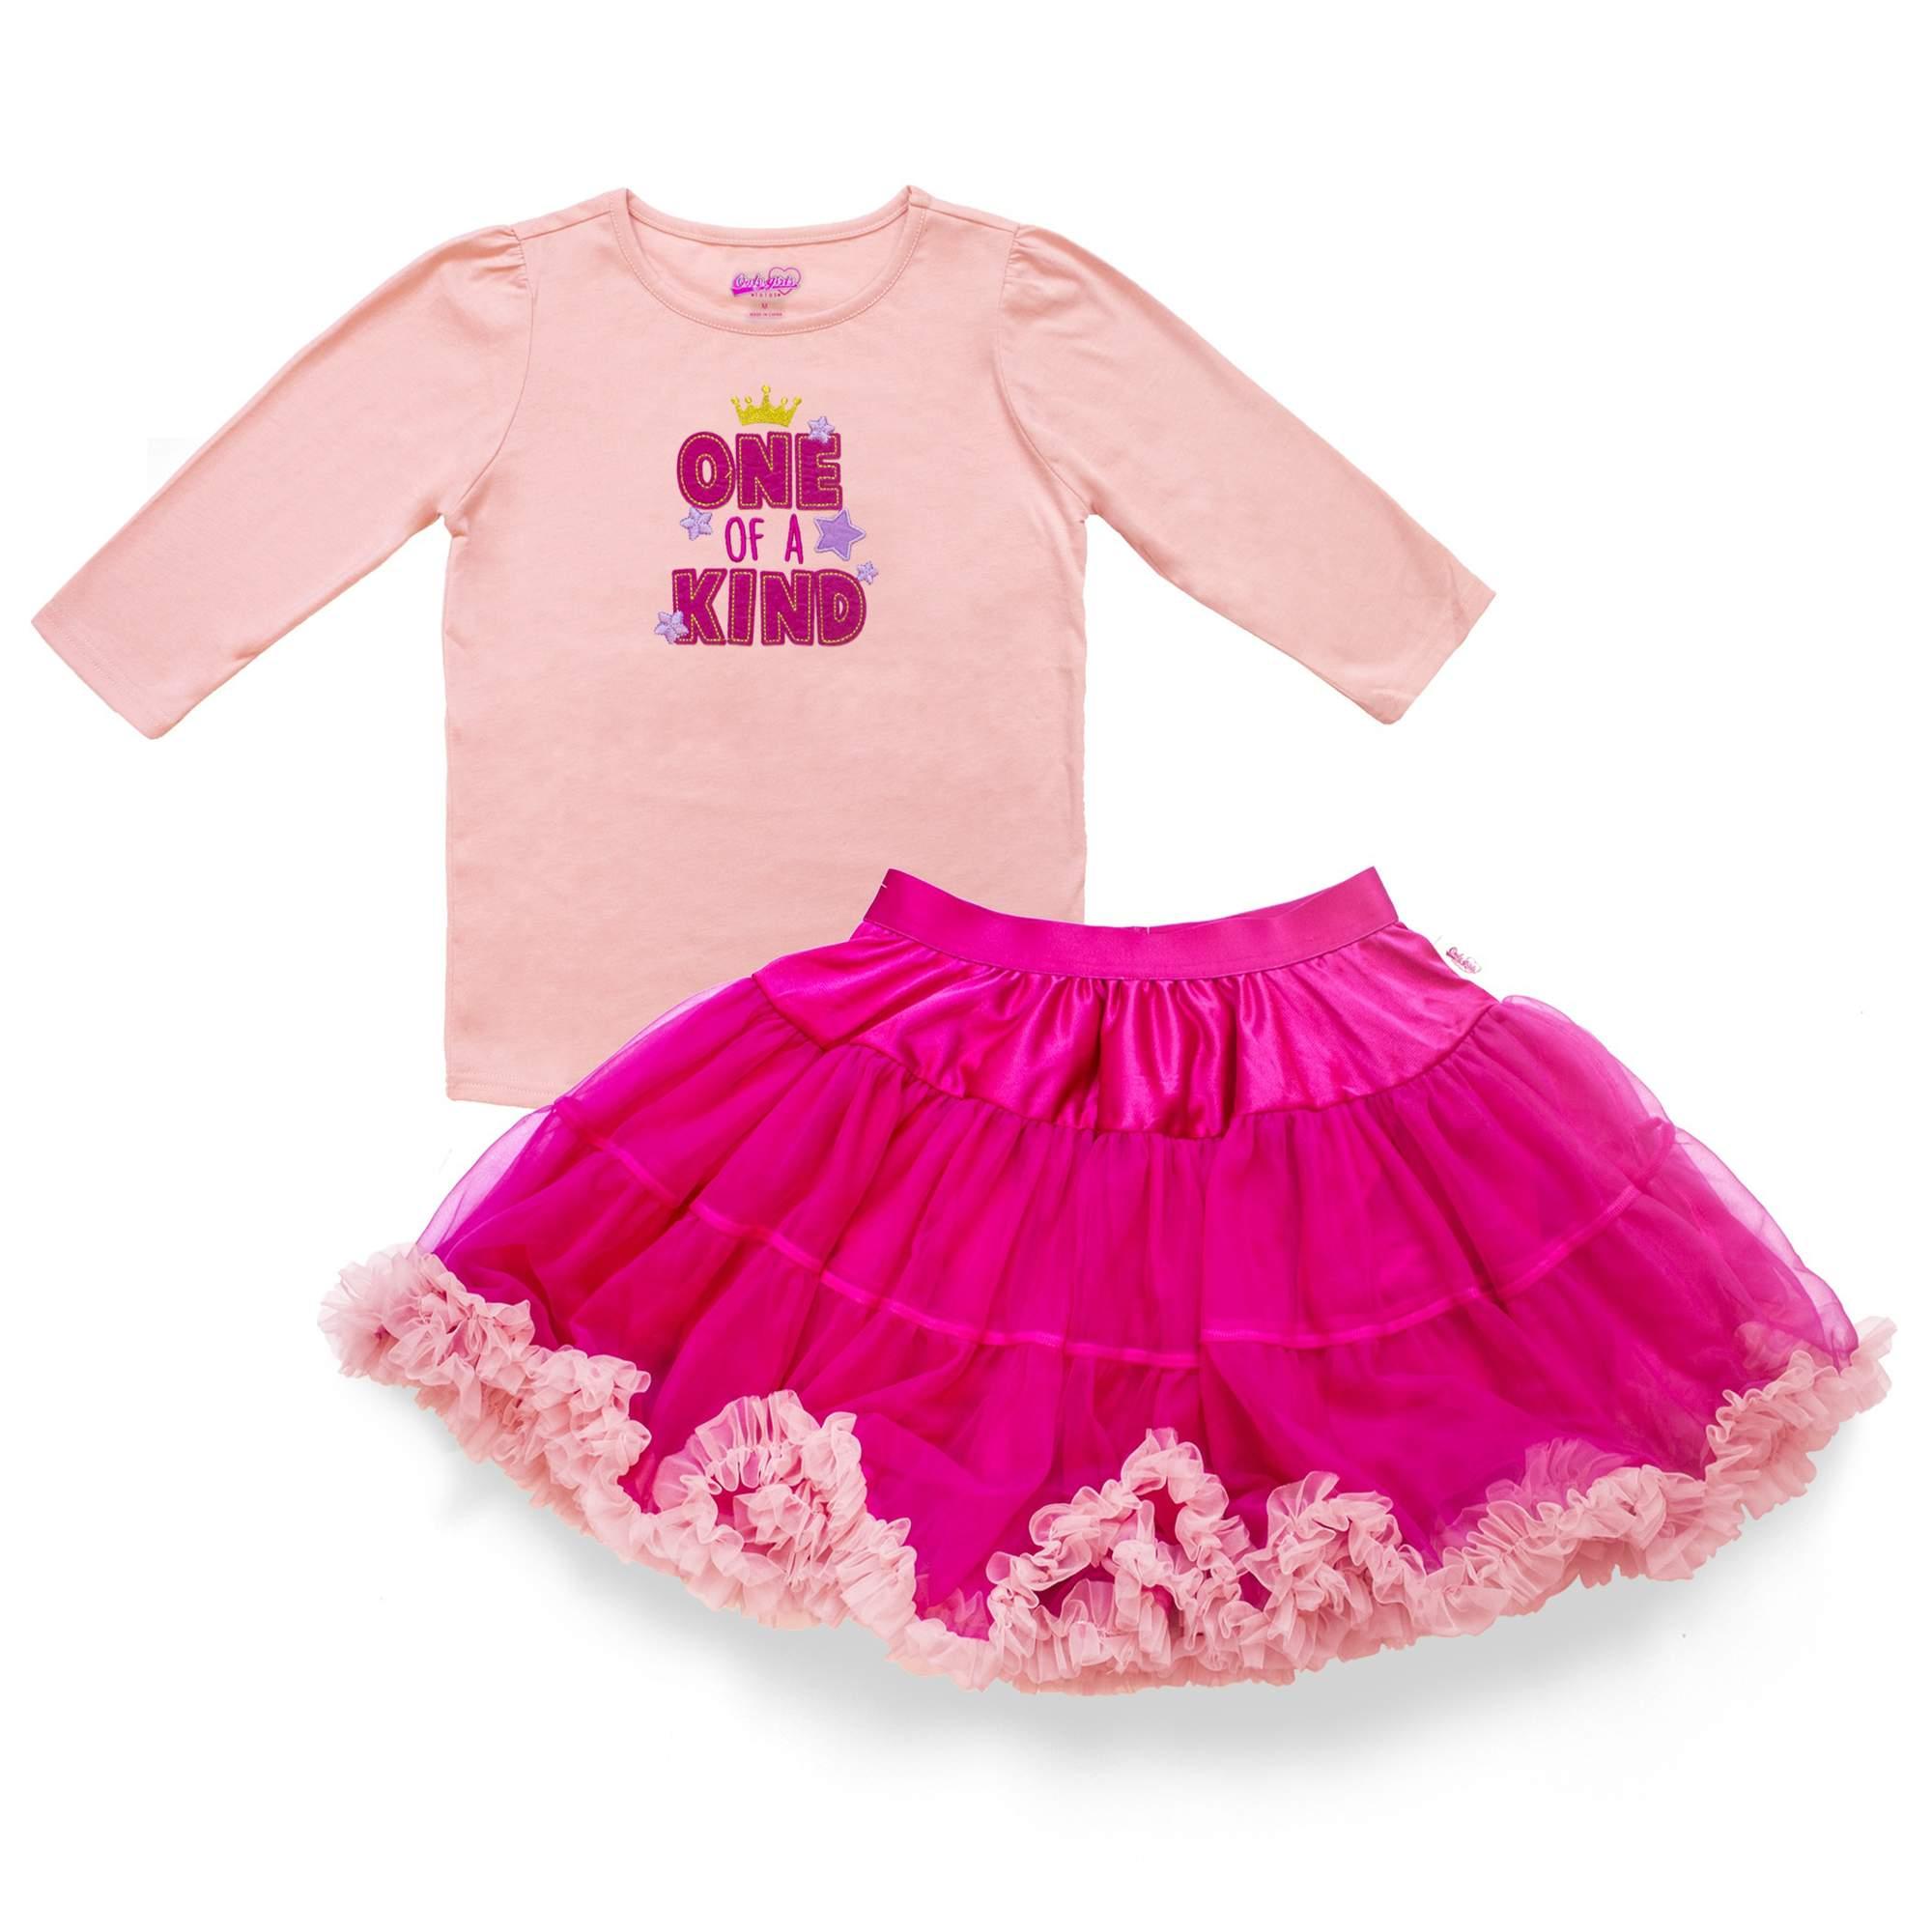 Light Hot Pink Pettiskirt Skirt with Light Pink Ruffles Top 2PC Set Girl 1-8Year